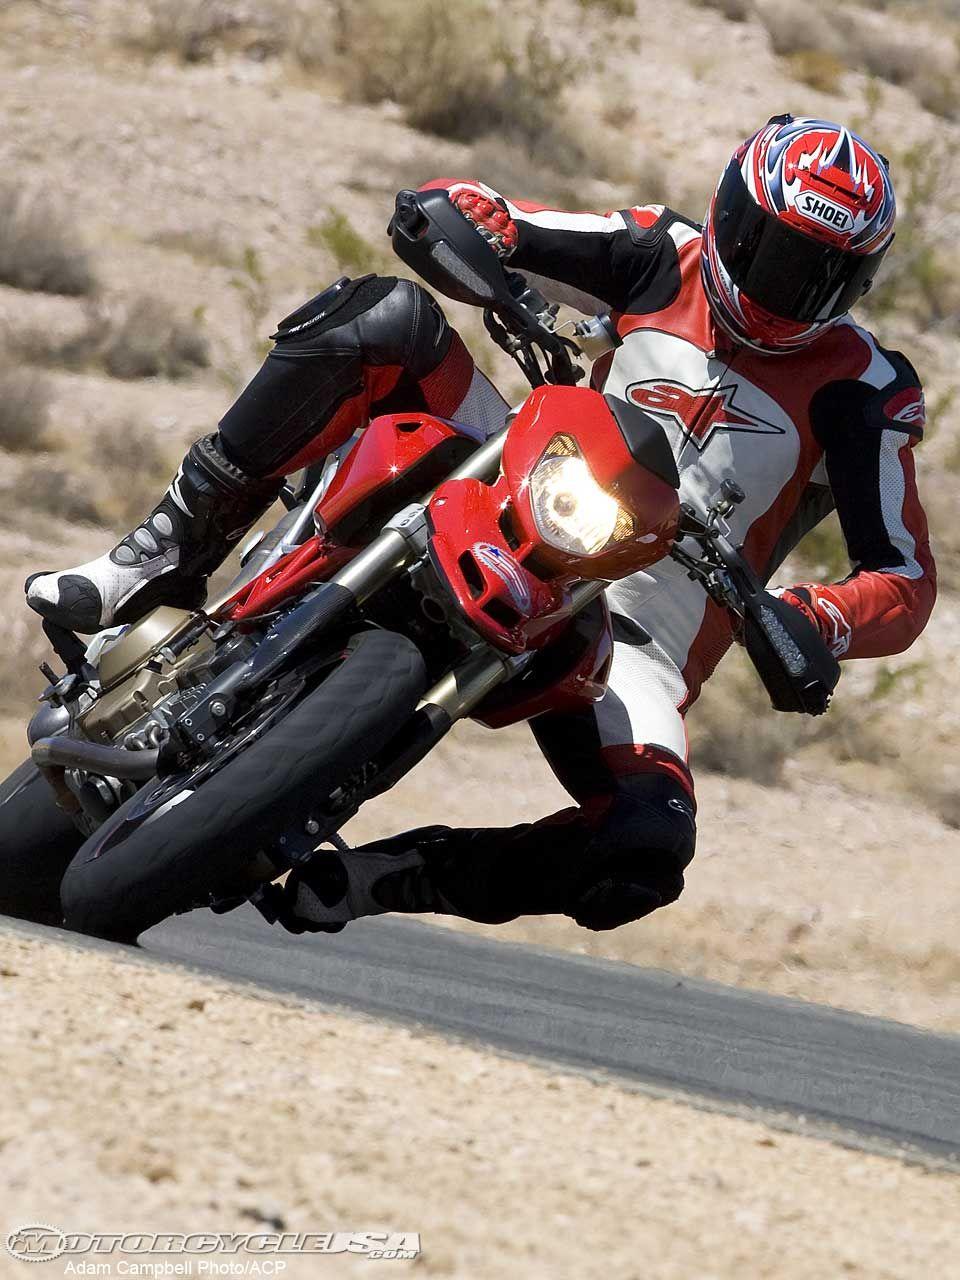 2008 Ducati Hypermotard 1100S Photos Motorcycle USA